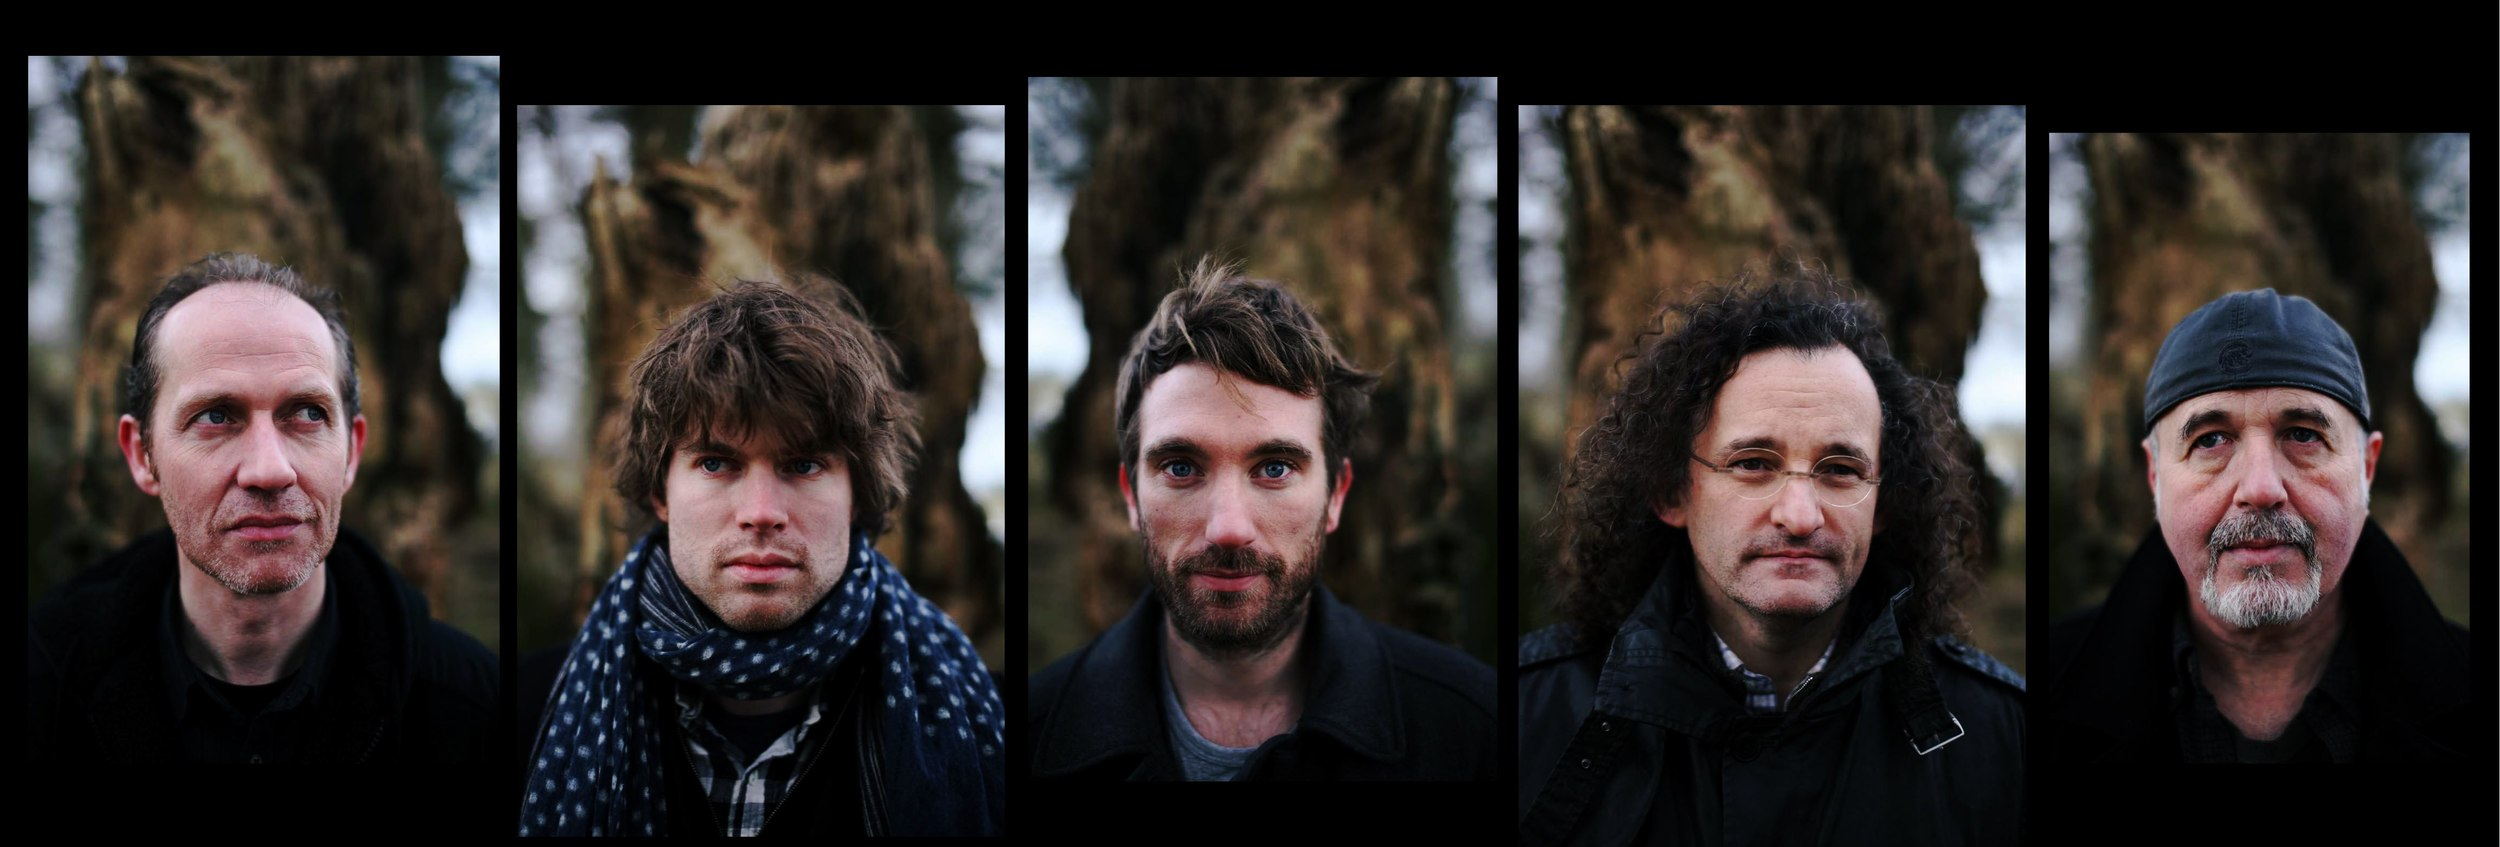 left to right: Iarla Ó Lionáird, Thomas Bartlett,Caoimhín Ó Raghallaigh, Martin Hayes, Dennis Cahill  Photo credit: Feargal Ward